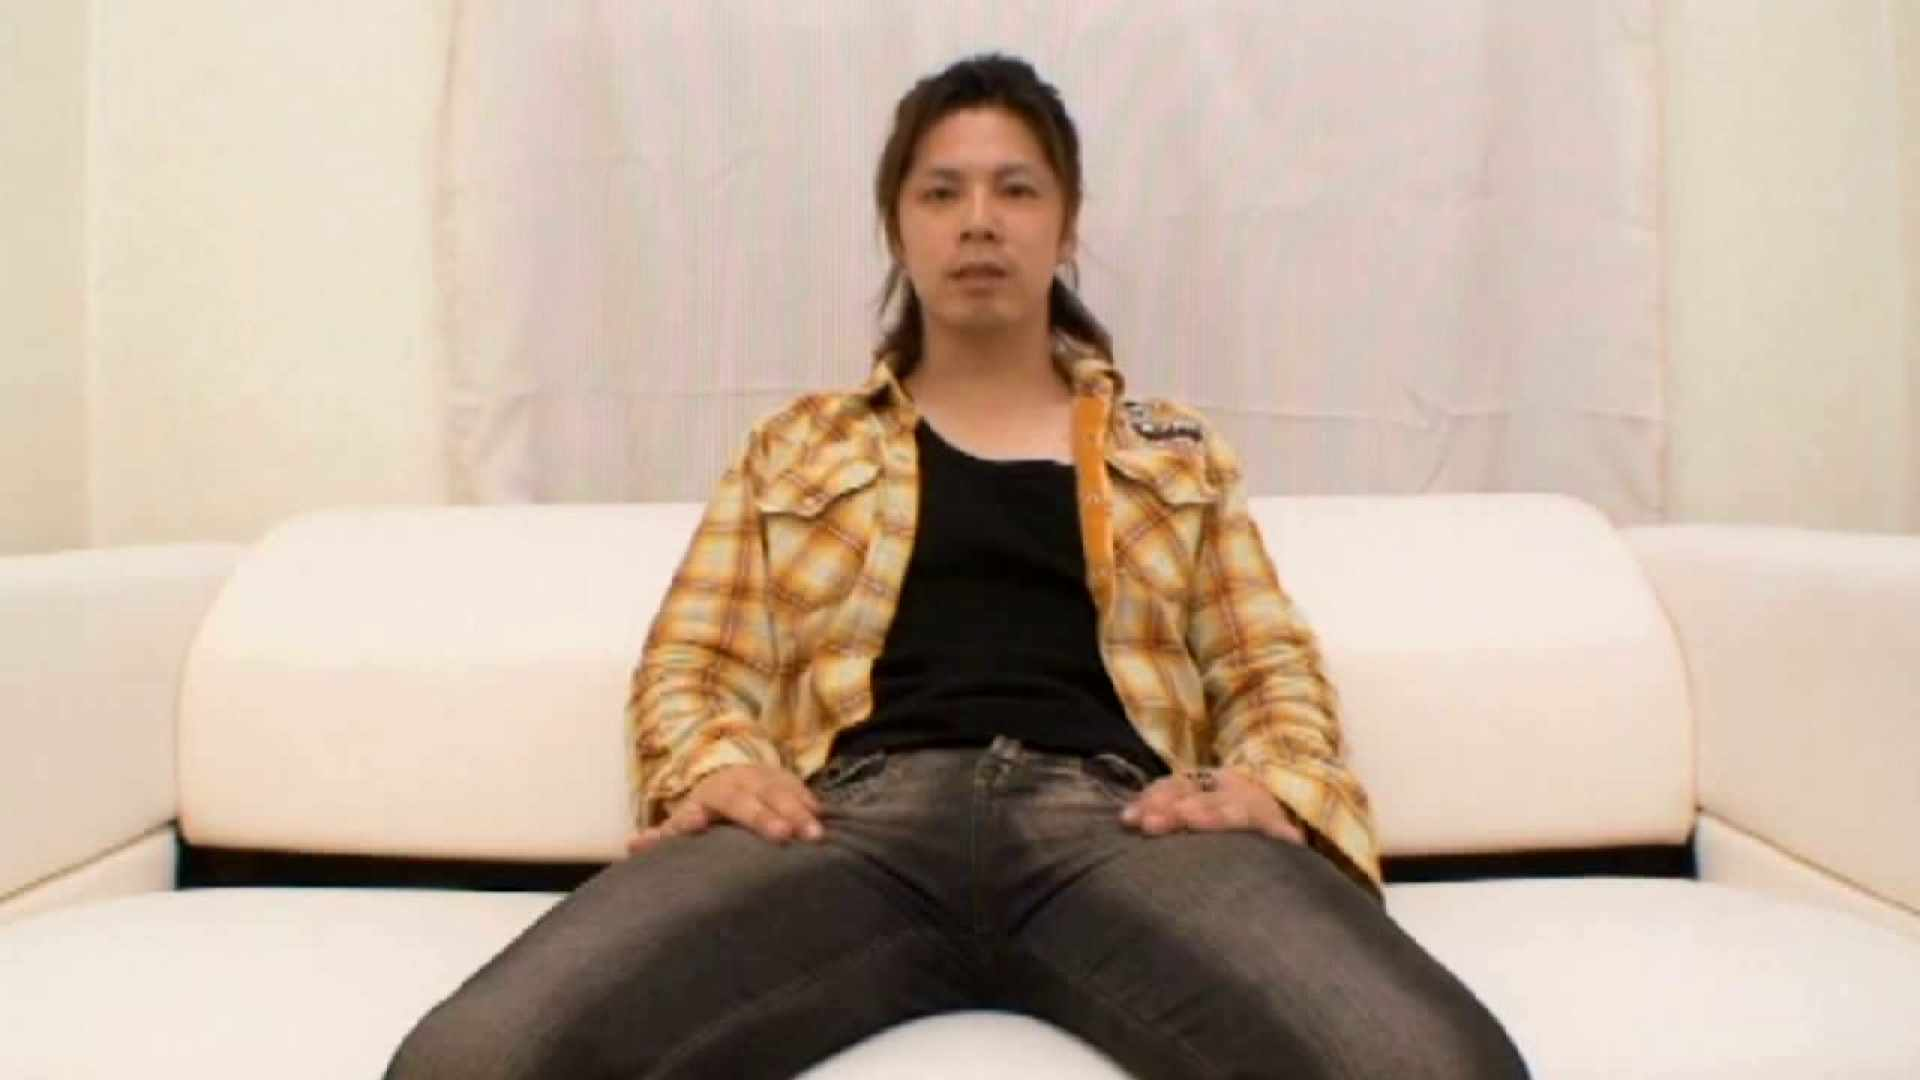 ノンケ!自慰スタジオ No.18 オナニー ゲイエロビデオ画像 110pic 2